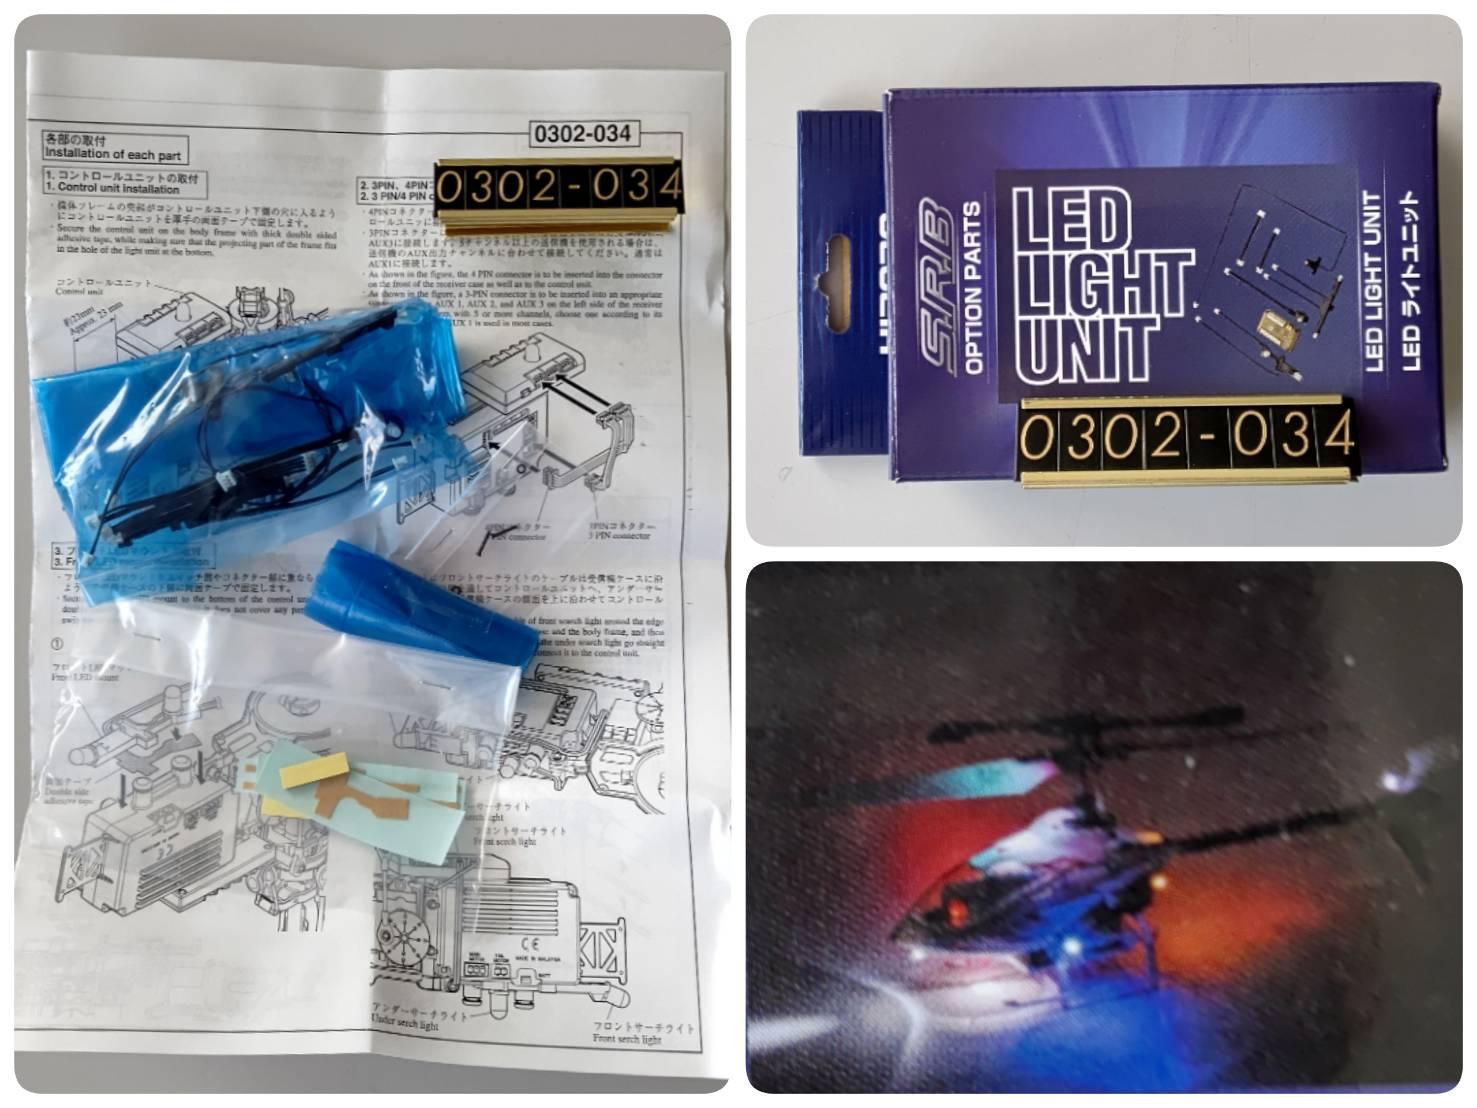 ヒロボー HIROBO パーツ 【0302-034】 S.R.B ライトユニット